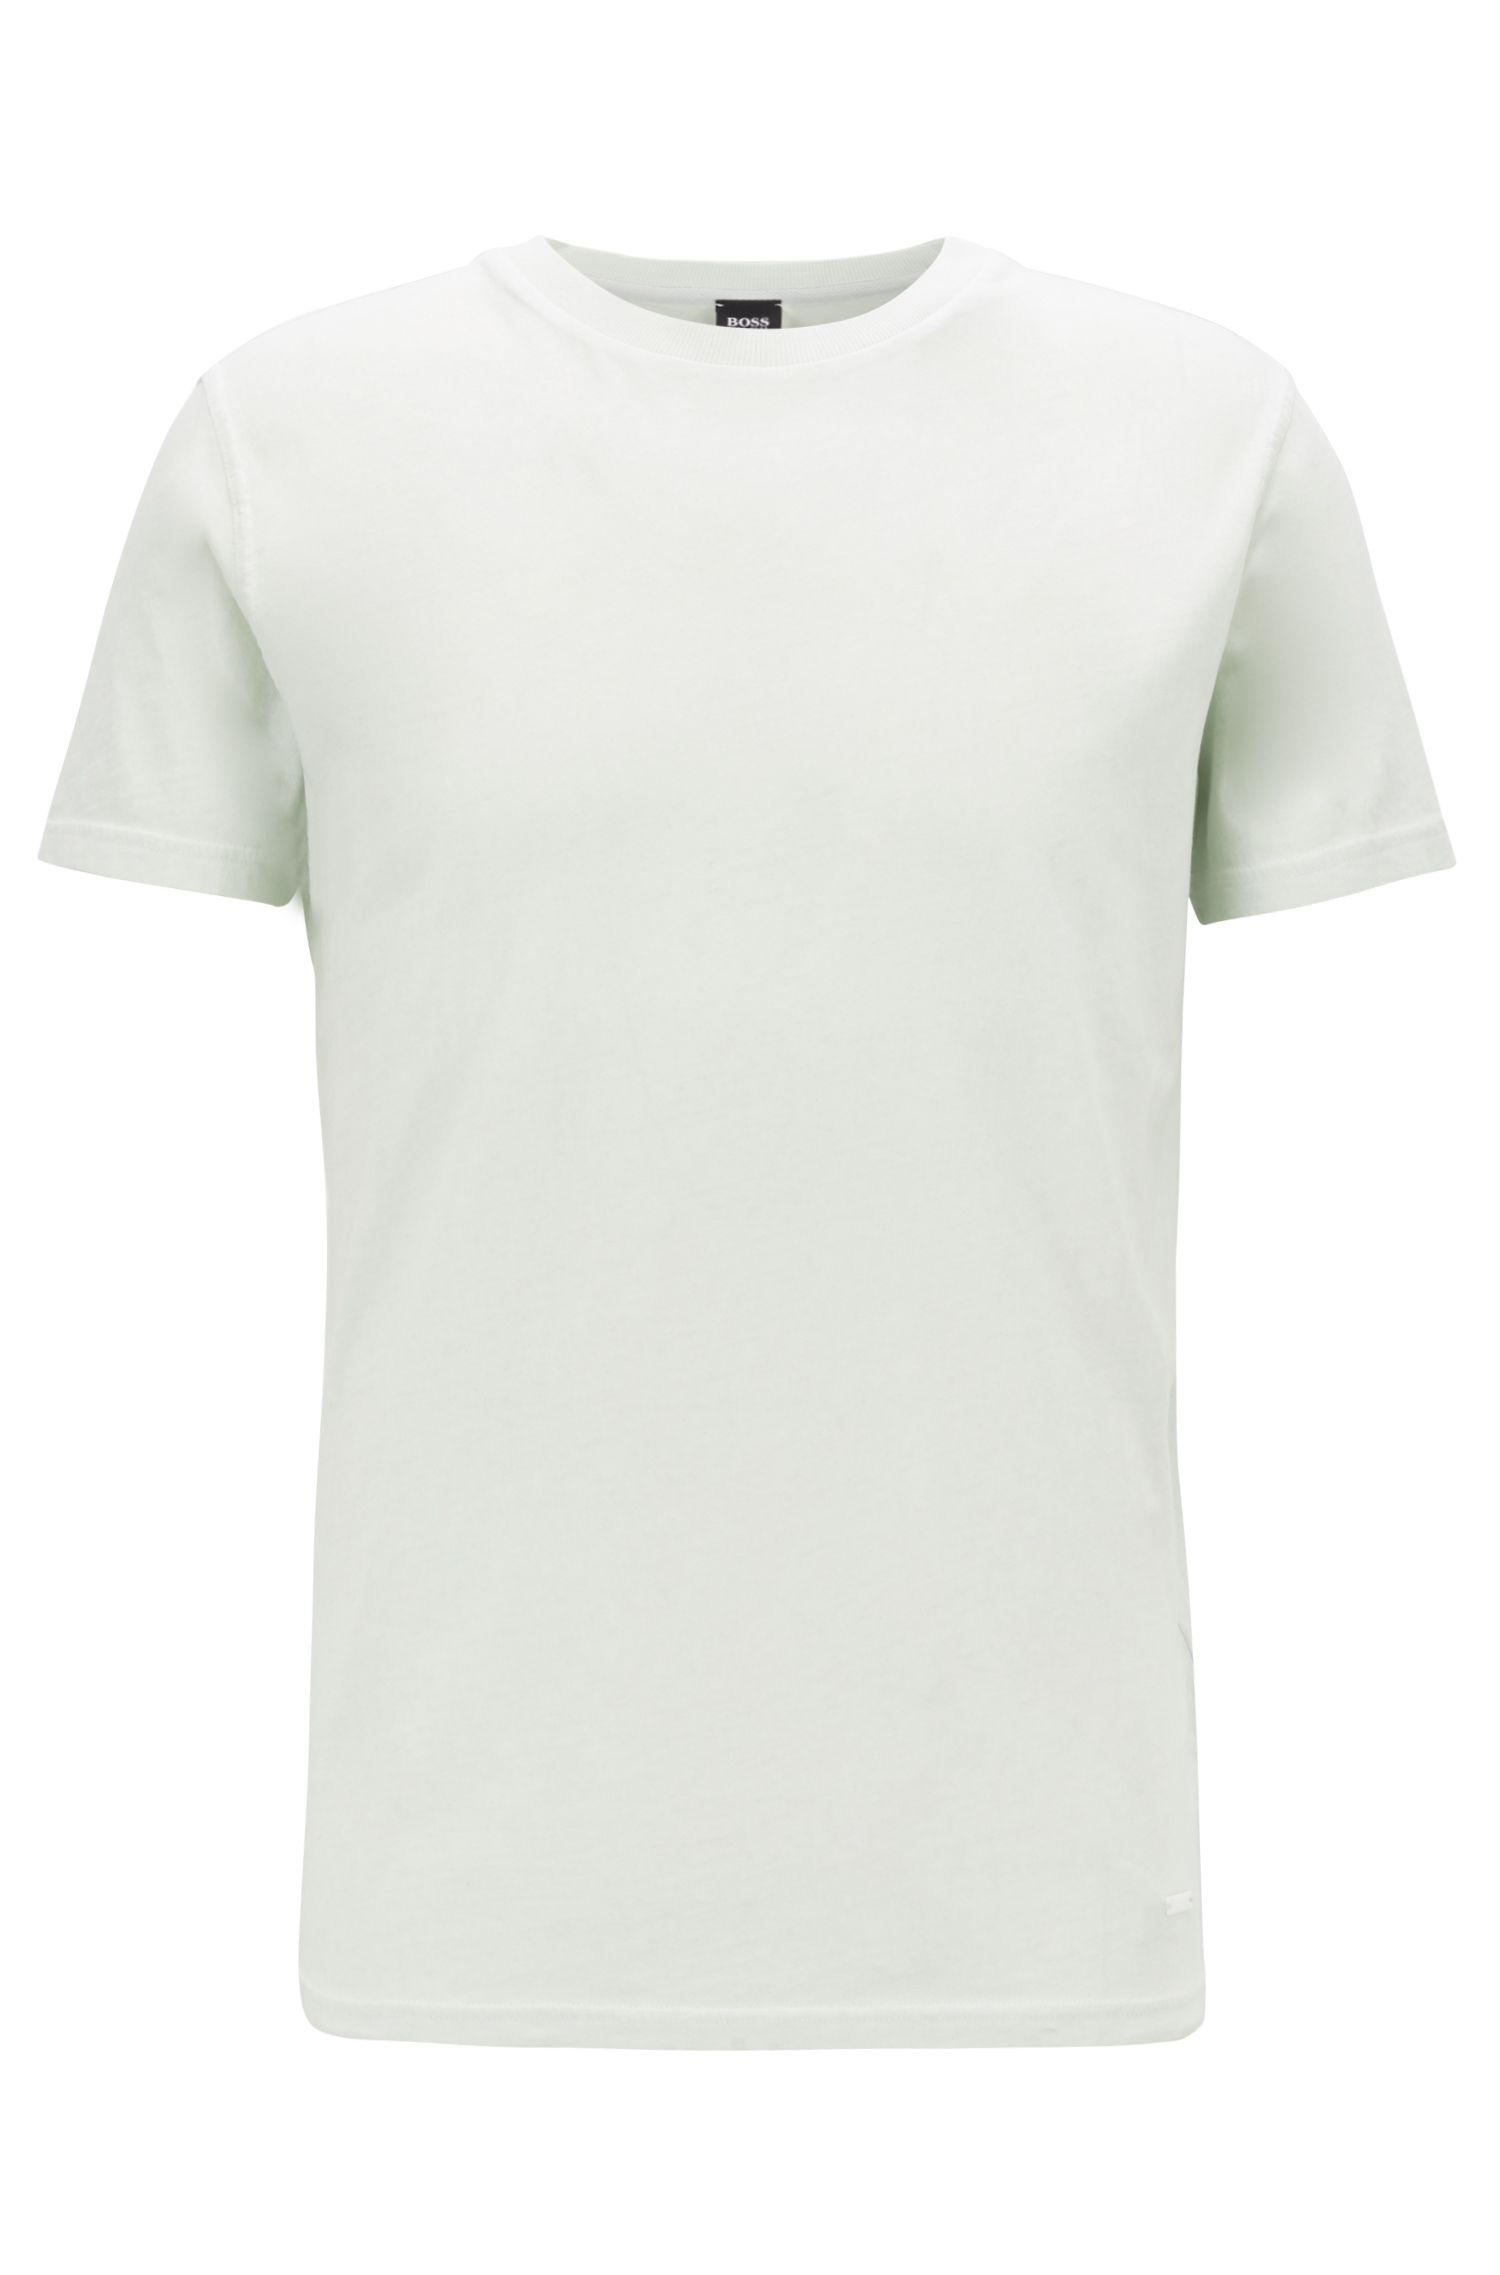 T-Shirt aus stückgefärbtem Single Jersey mit Rundhalsausschnitt, Hellgrün